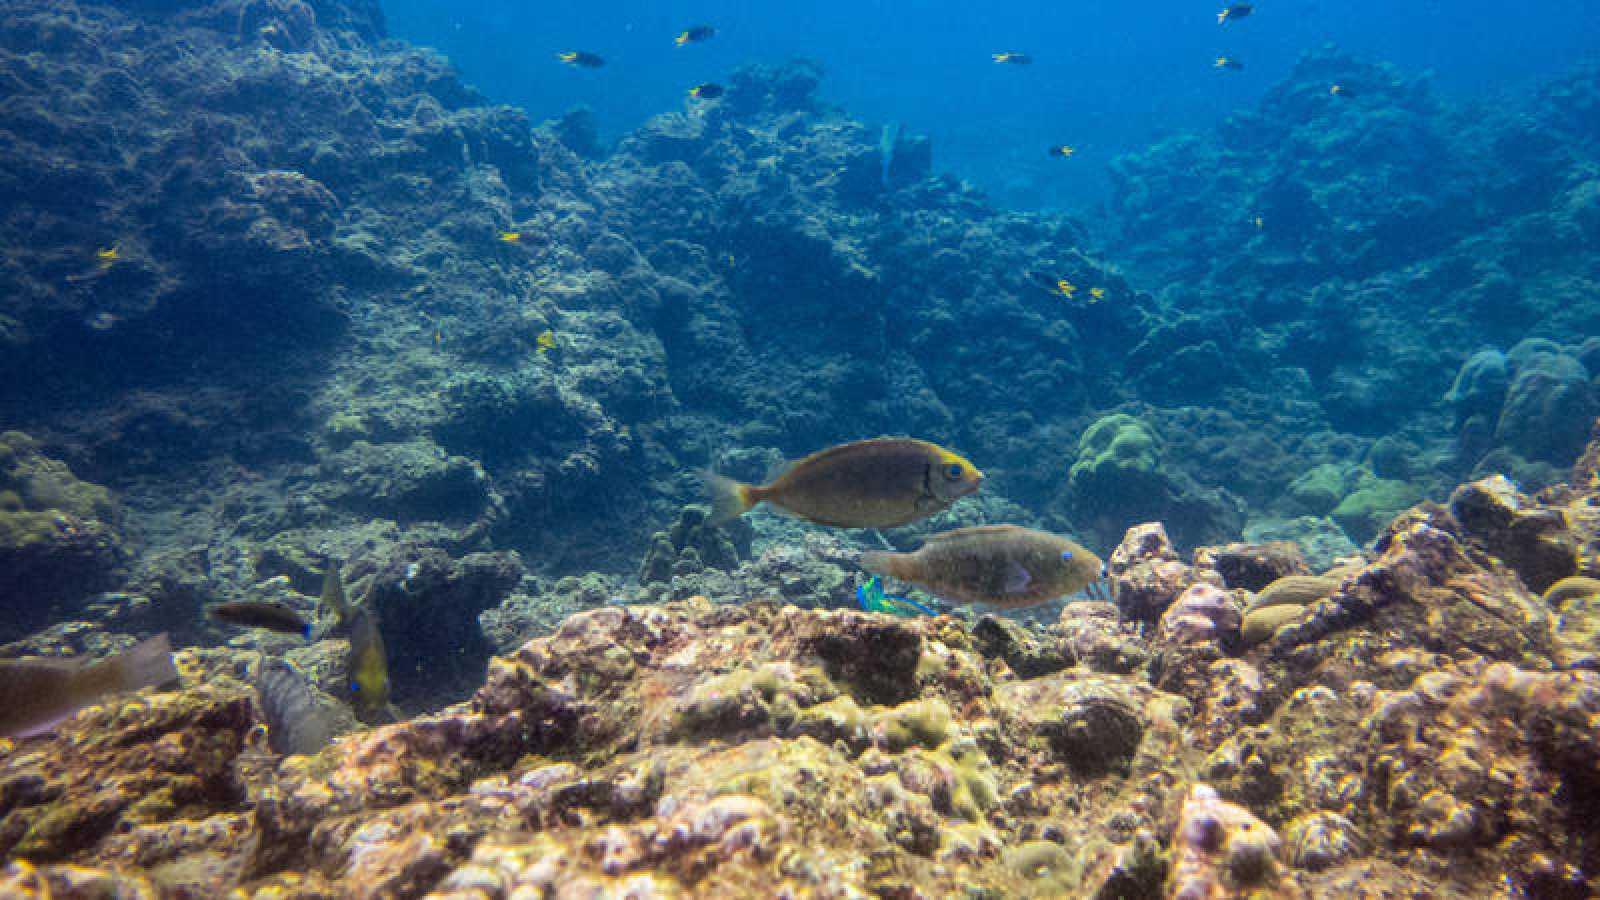 El arrecife japonés está considerado uno de los más antiguos y de mayor extensión del hemisferio norte.